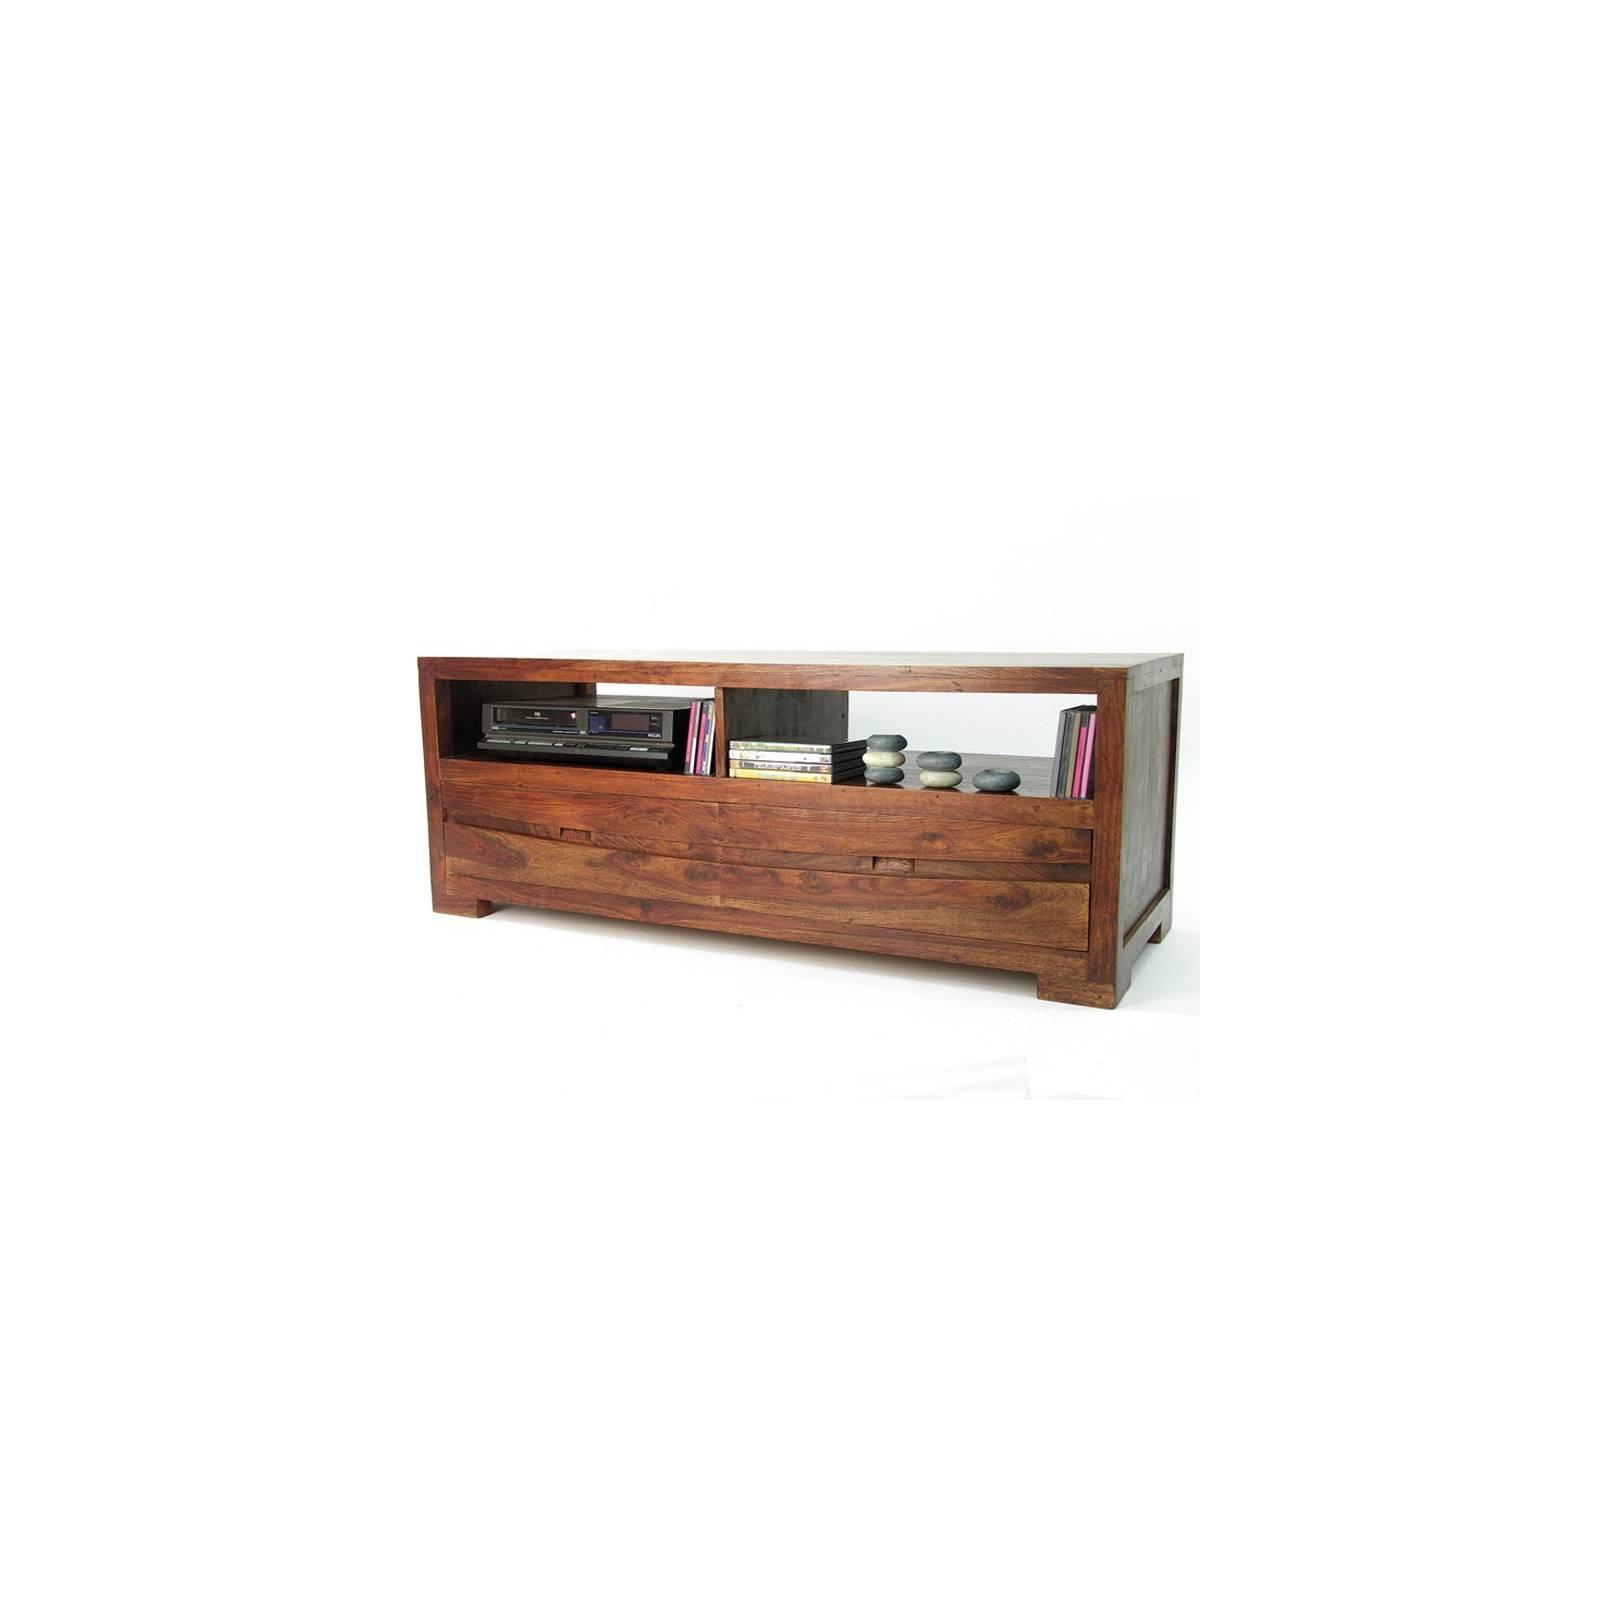 Meuble Tv Soleil Levant Palissandre - achat meubles bois exotique